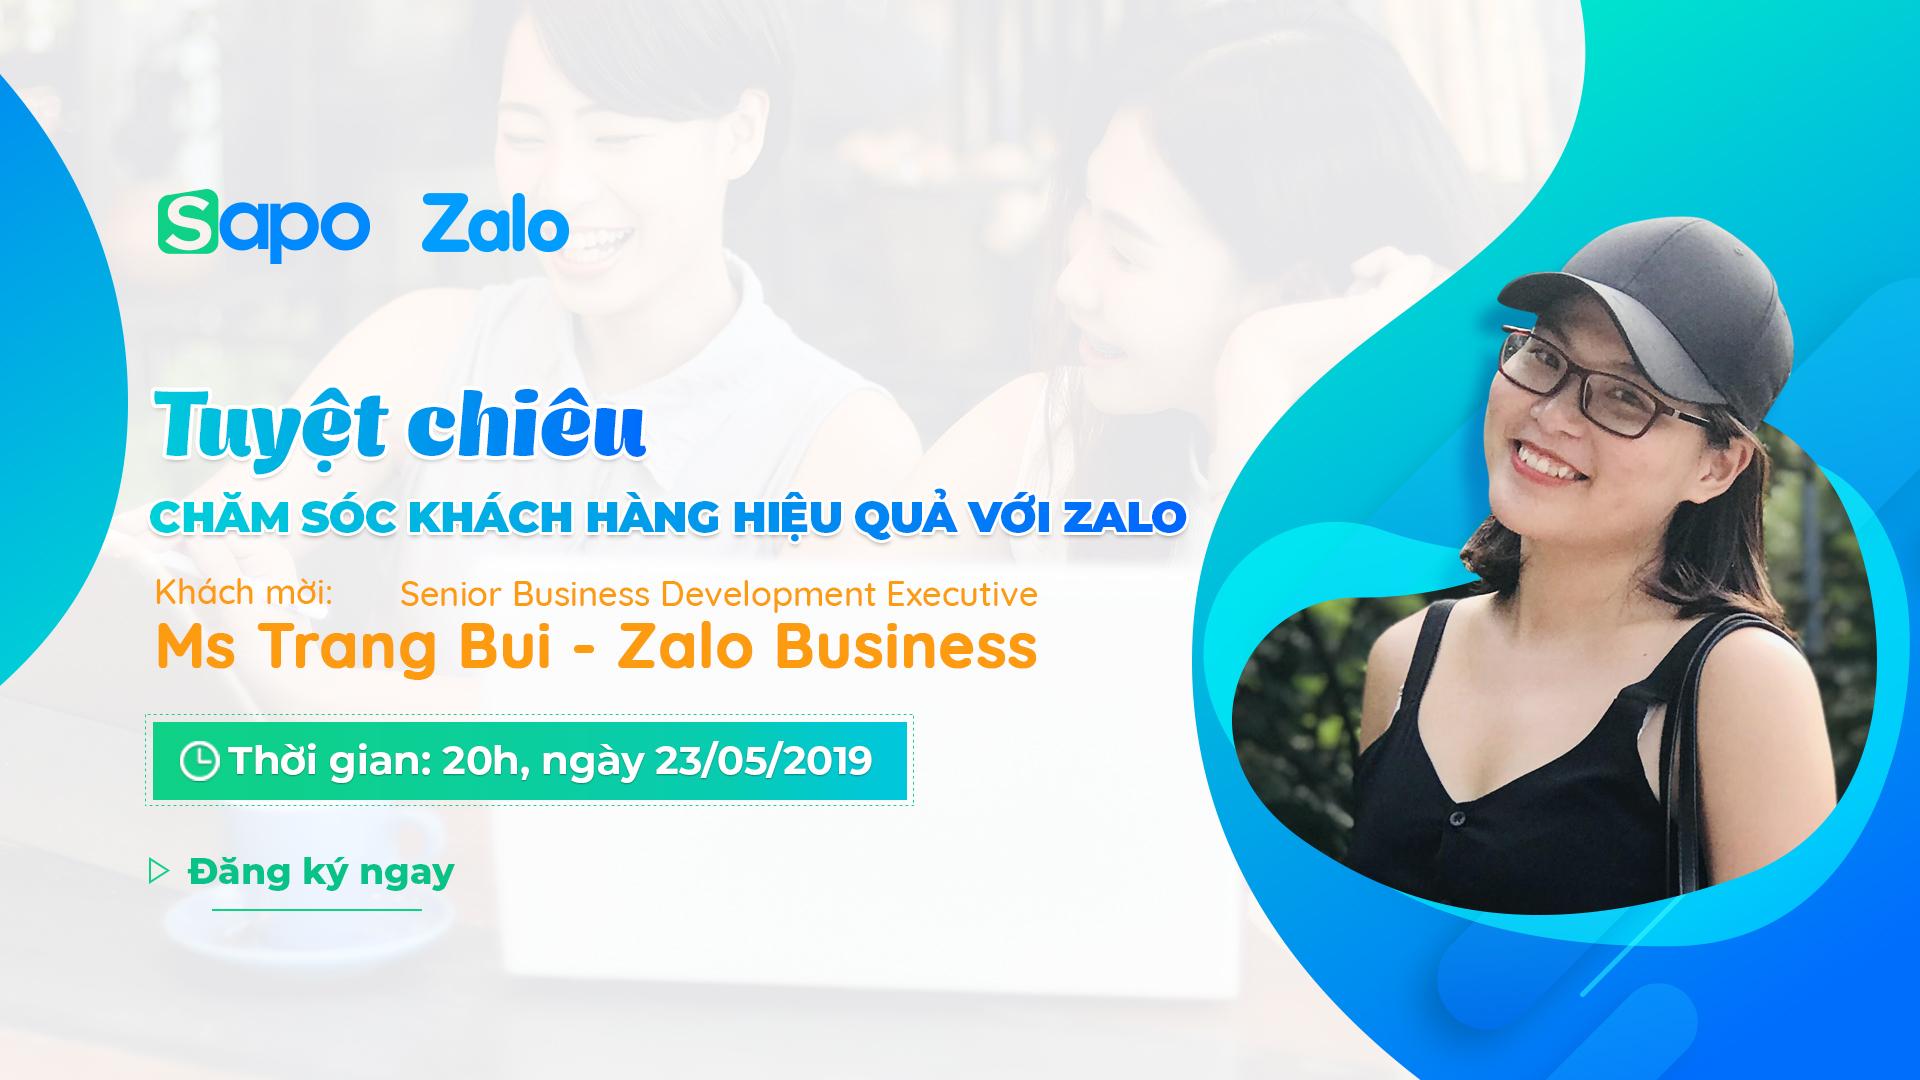 [23/5] Webinar: Tuyệt chiêu chăm sóc khách hàng hiệu quả với Zalo